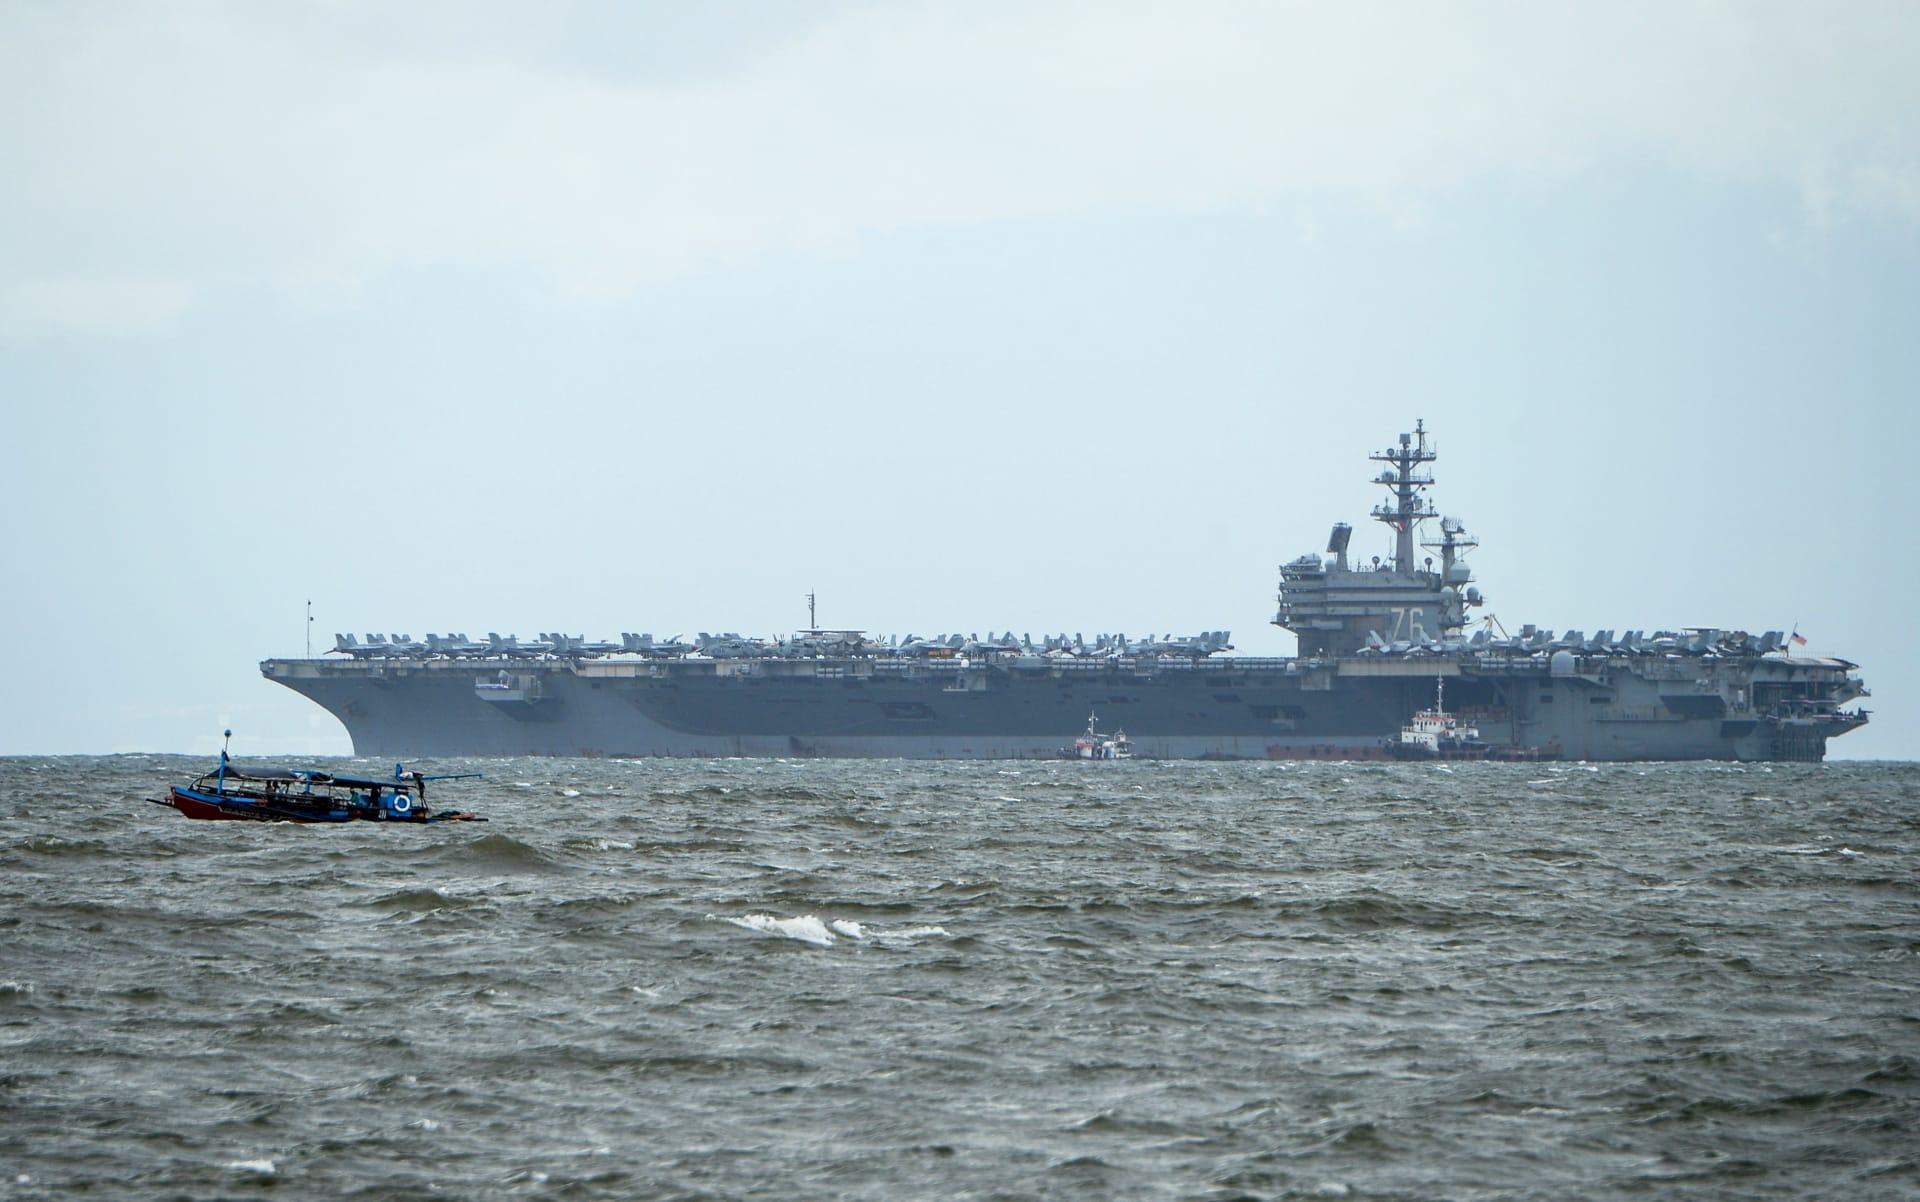 قارب صيد فلبيني (يسار) يمر بسرعة متجاوزًا يو إس إس رونالد ريغان راسيًا في خليج مانيلا في 7 أغسطس، 2019.